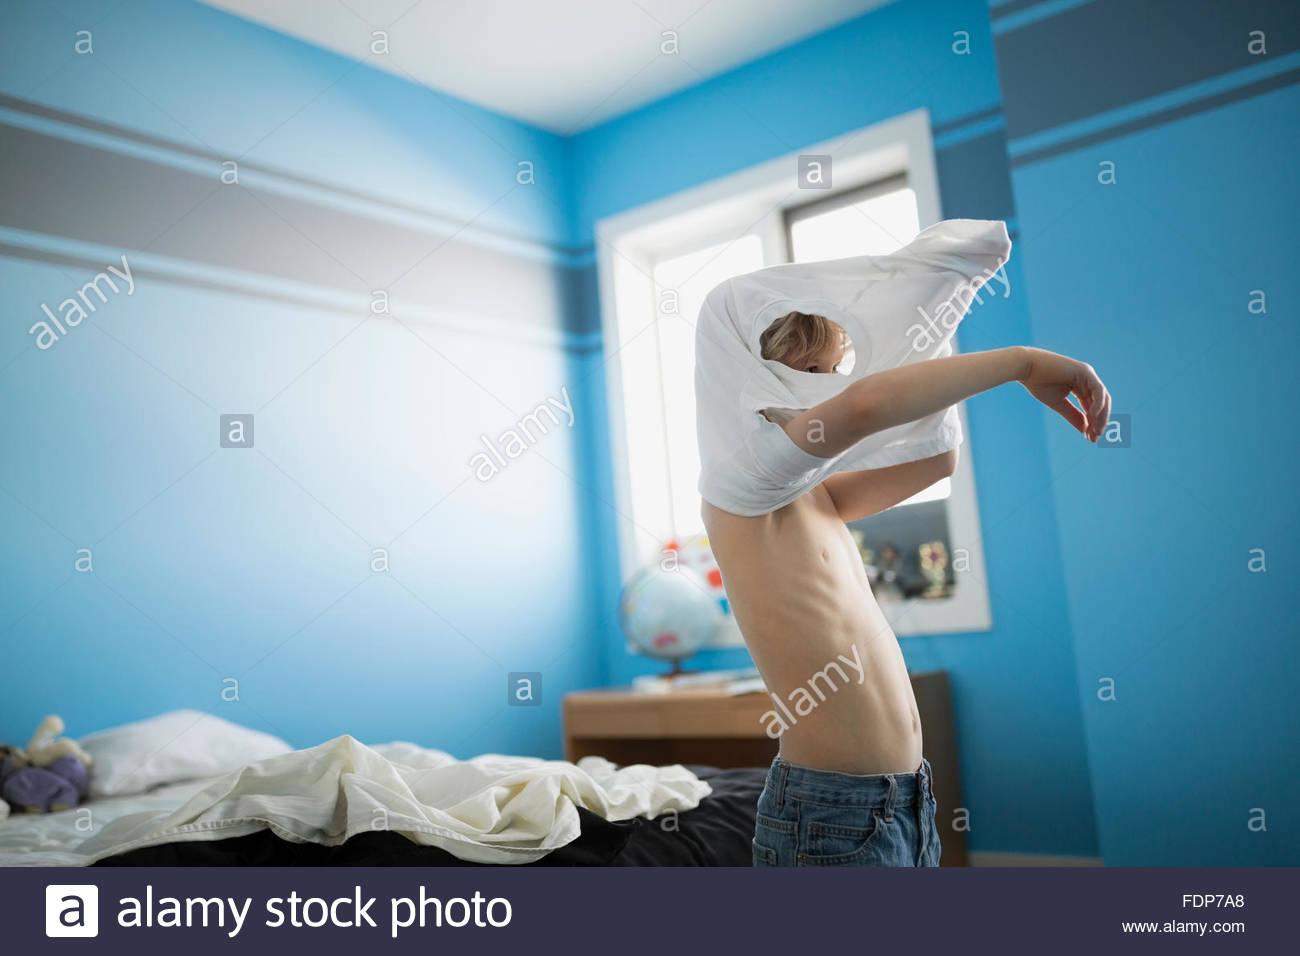 Ragazzo mettendo su magliette in camera da letto Immagini Stock